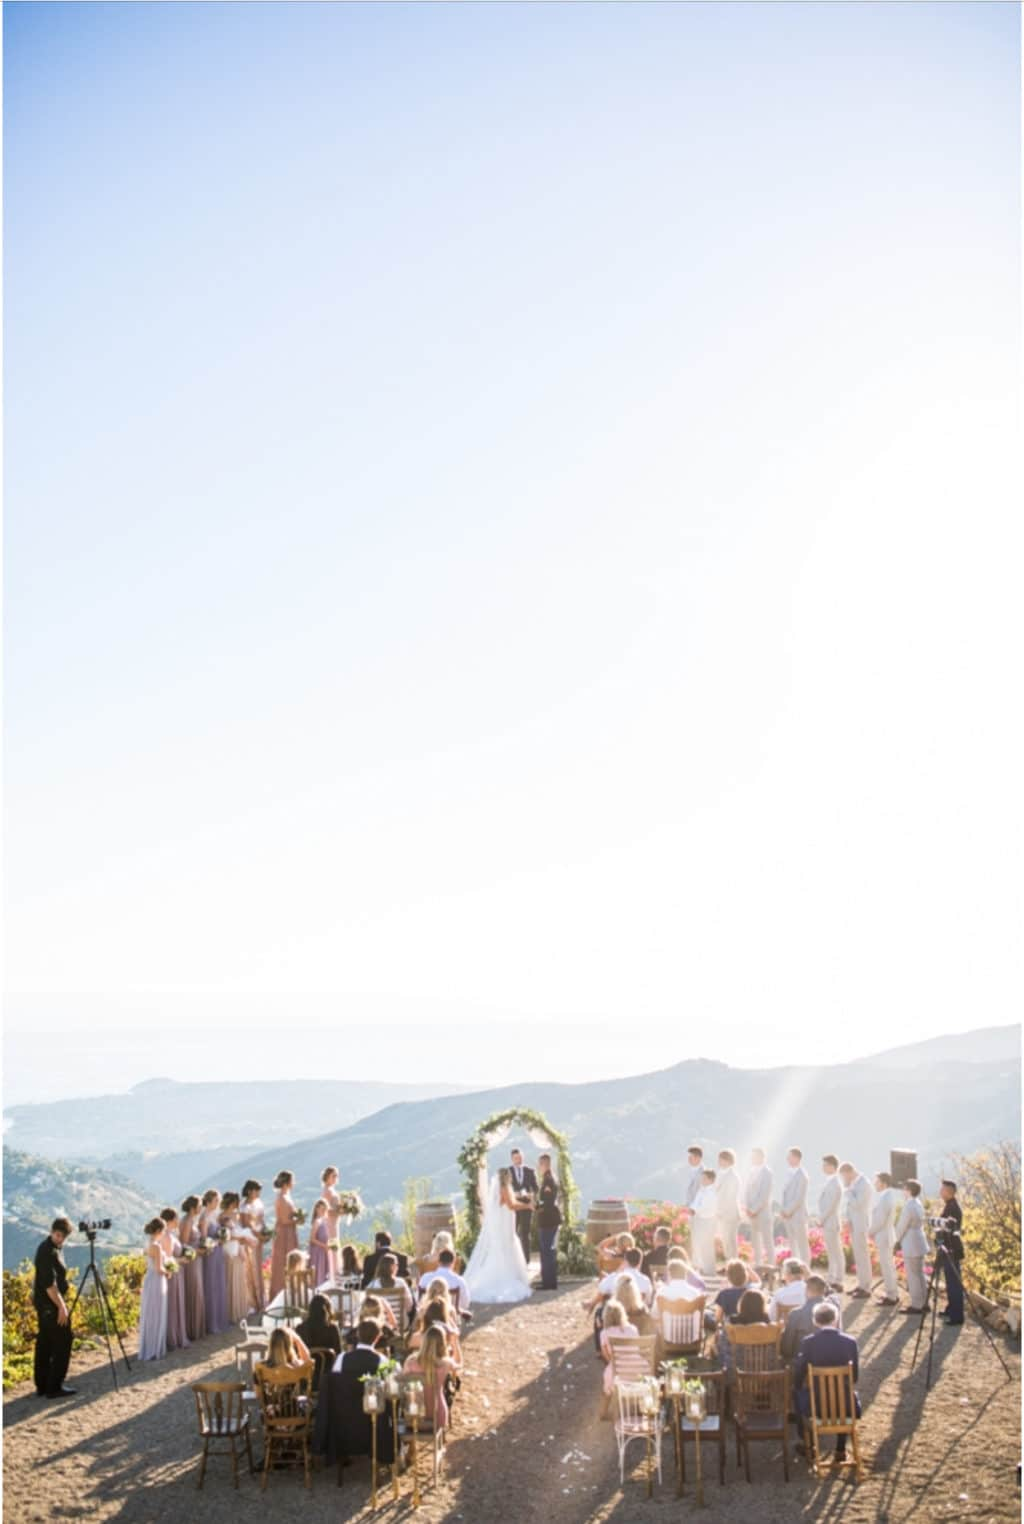 San Diego Wedding planner, San Diego Wedding Coordinator, Wedding Planning in San Diego, Wedding Planner in San diego, Wedding Coordinator in San Diego, Wedding Designer in San Diego